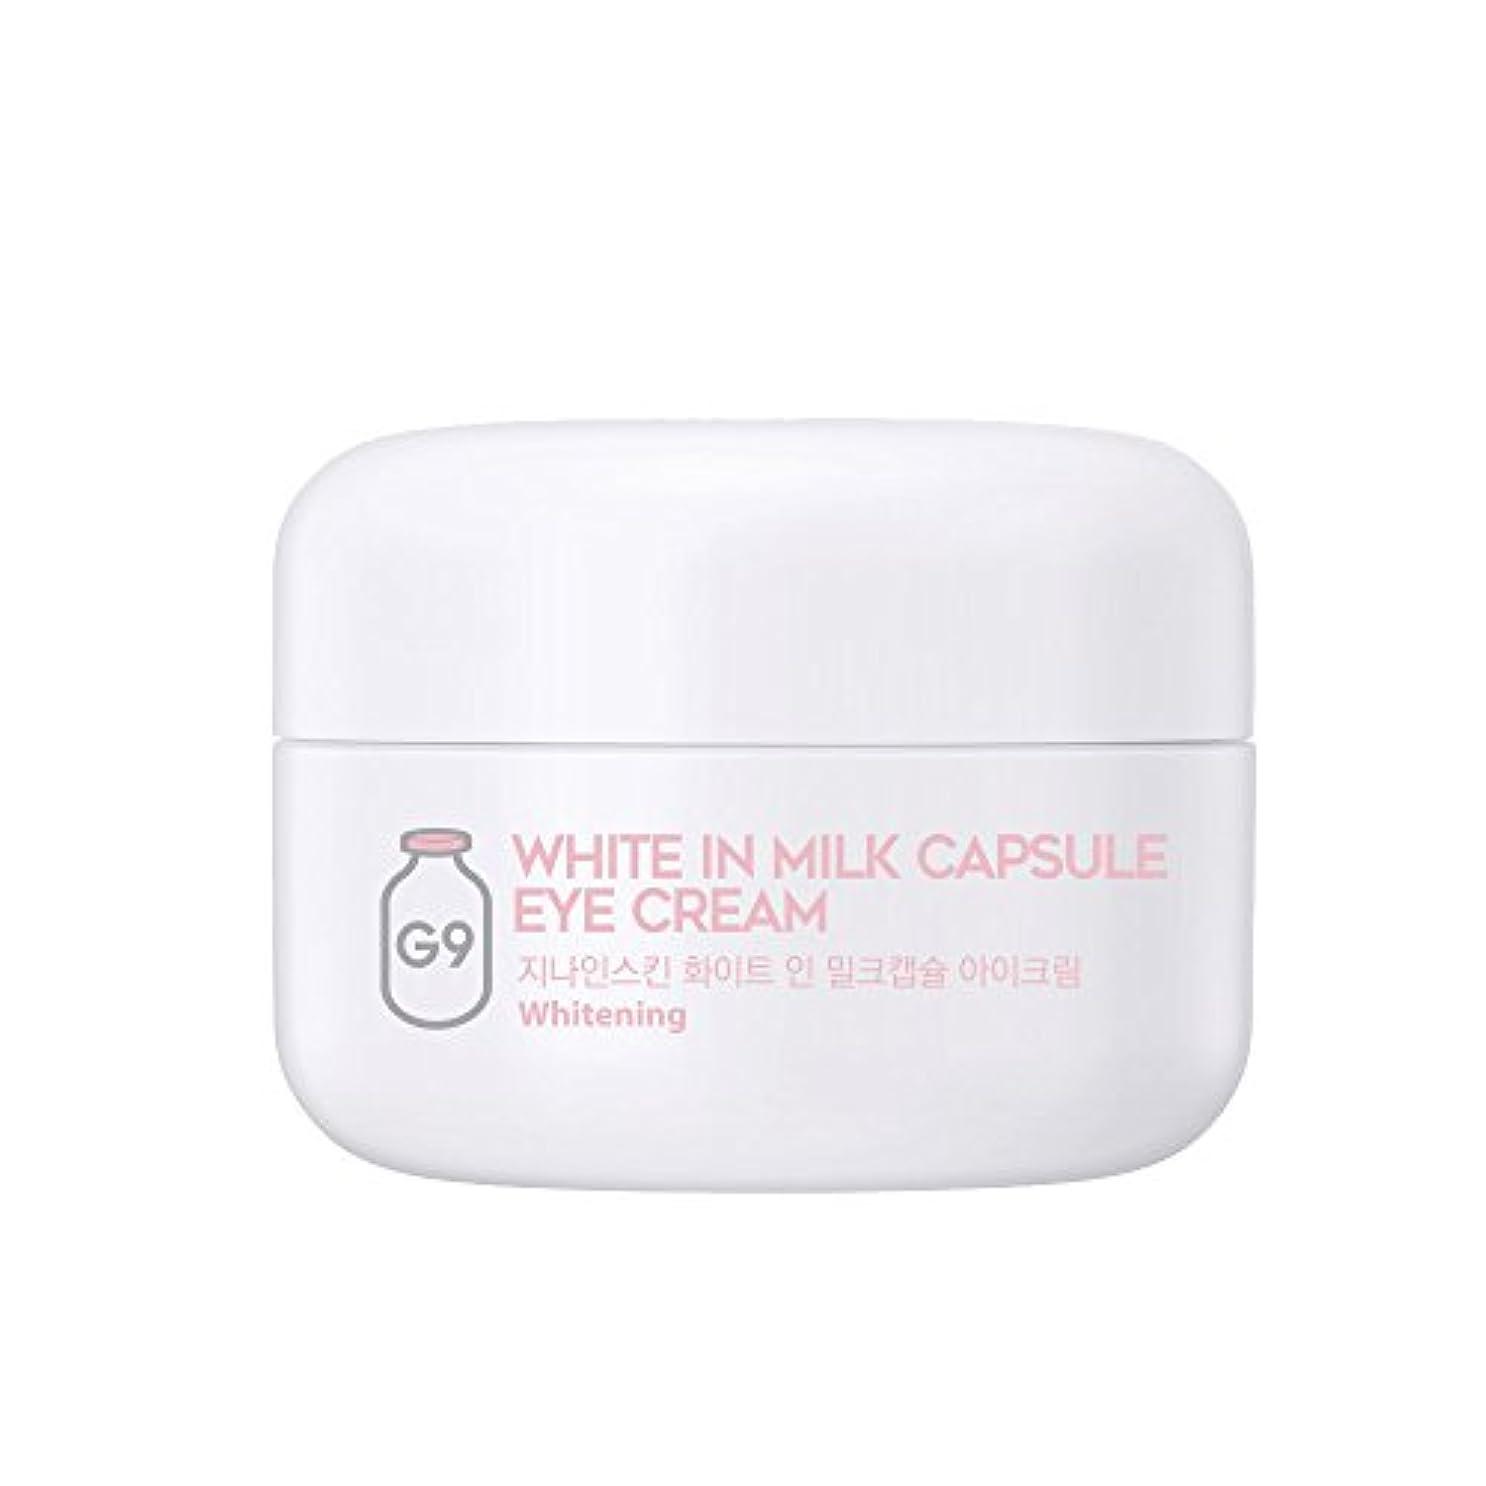 戦術神秘的な開梱G9SKIN(ベリサム) White In Milk Capsule Eye Cream ホワイトインミルクカプセルアイクリーム 30g